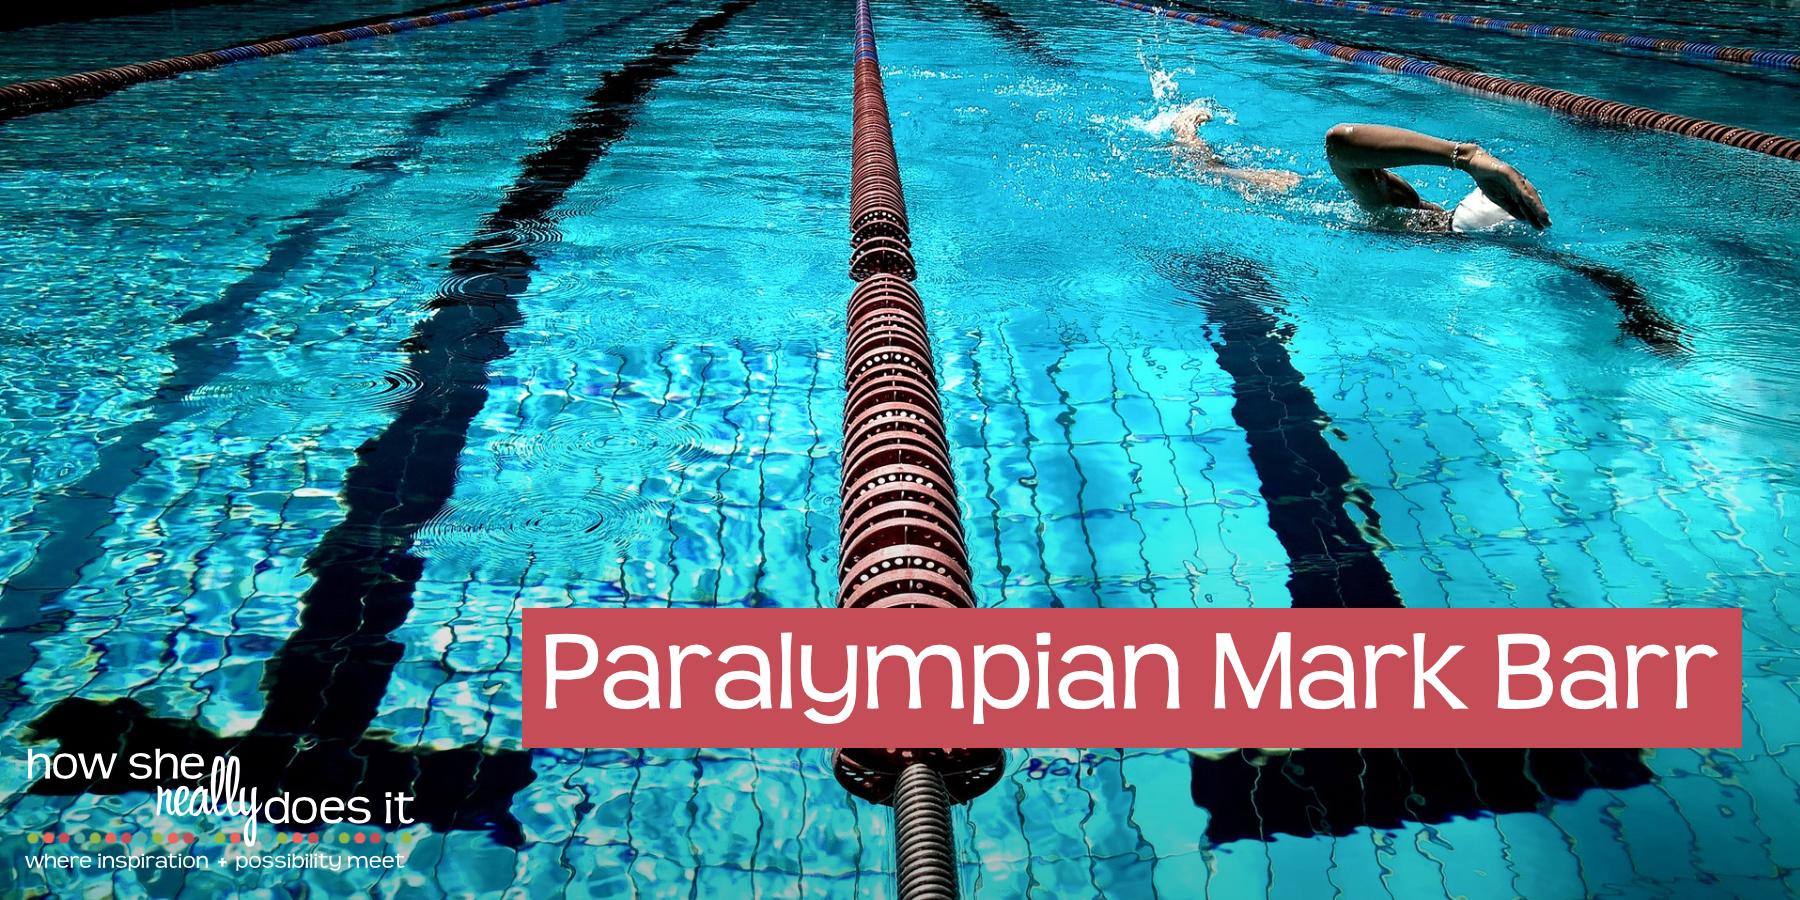 Paralympian Mark Barr